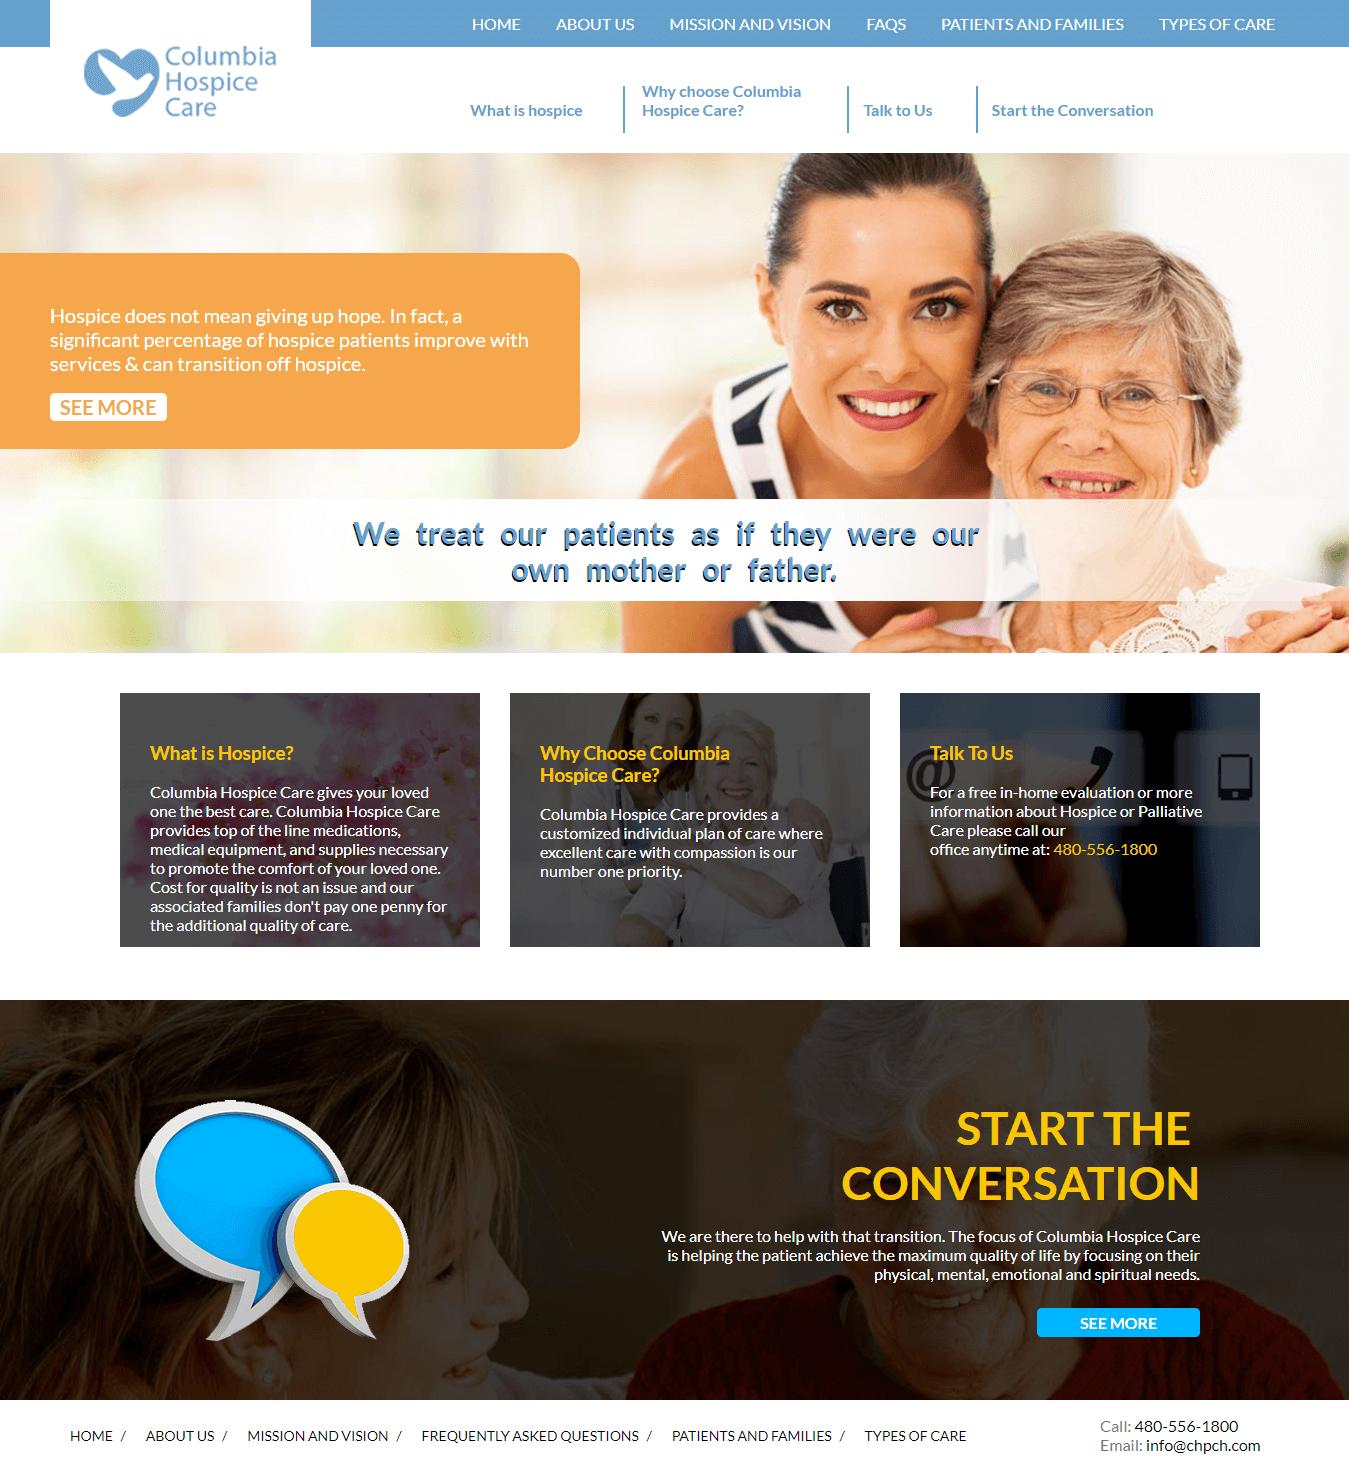 Columbia-Hospice-Care-Website